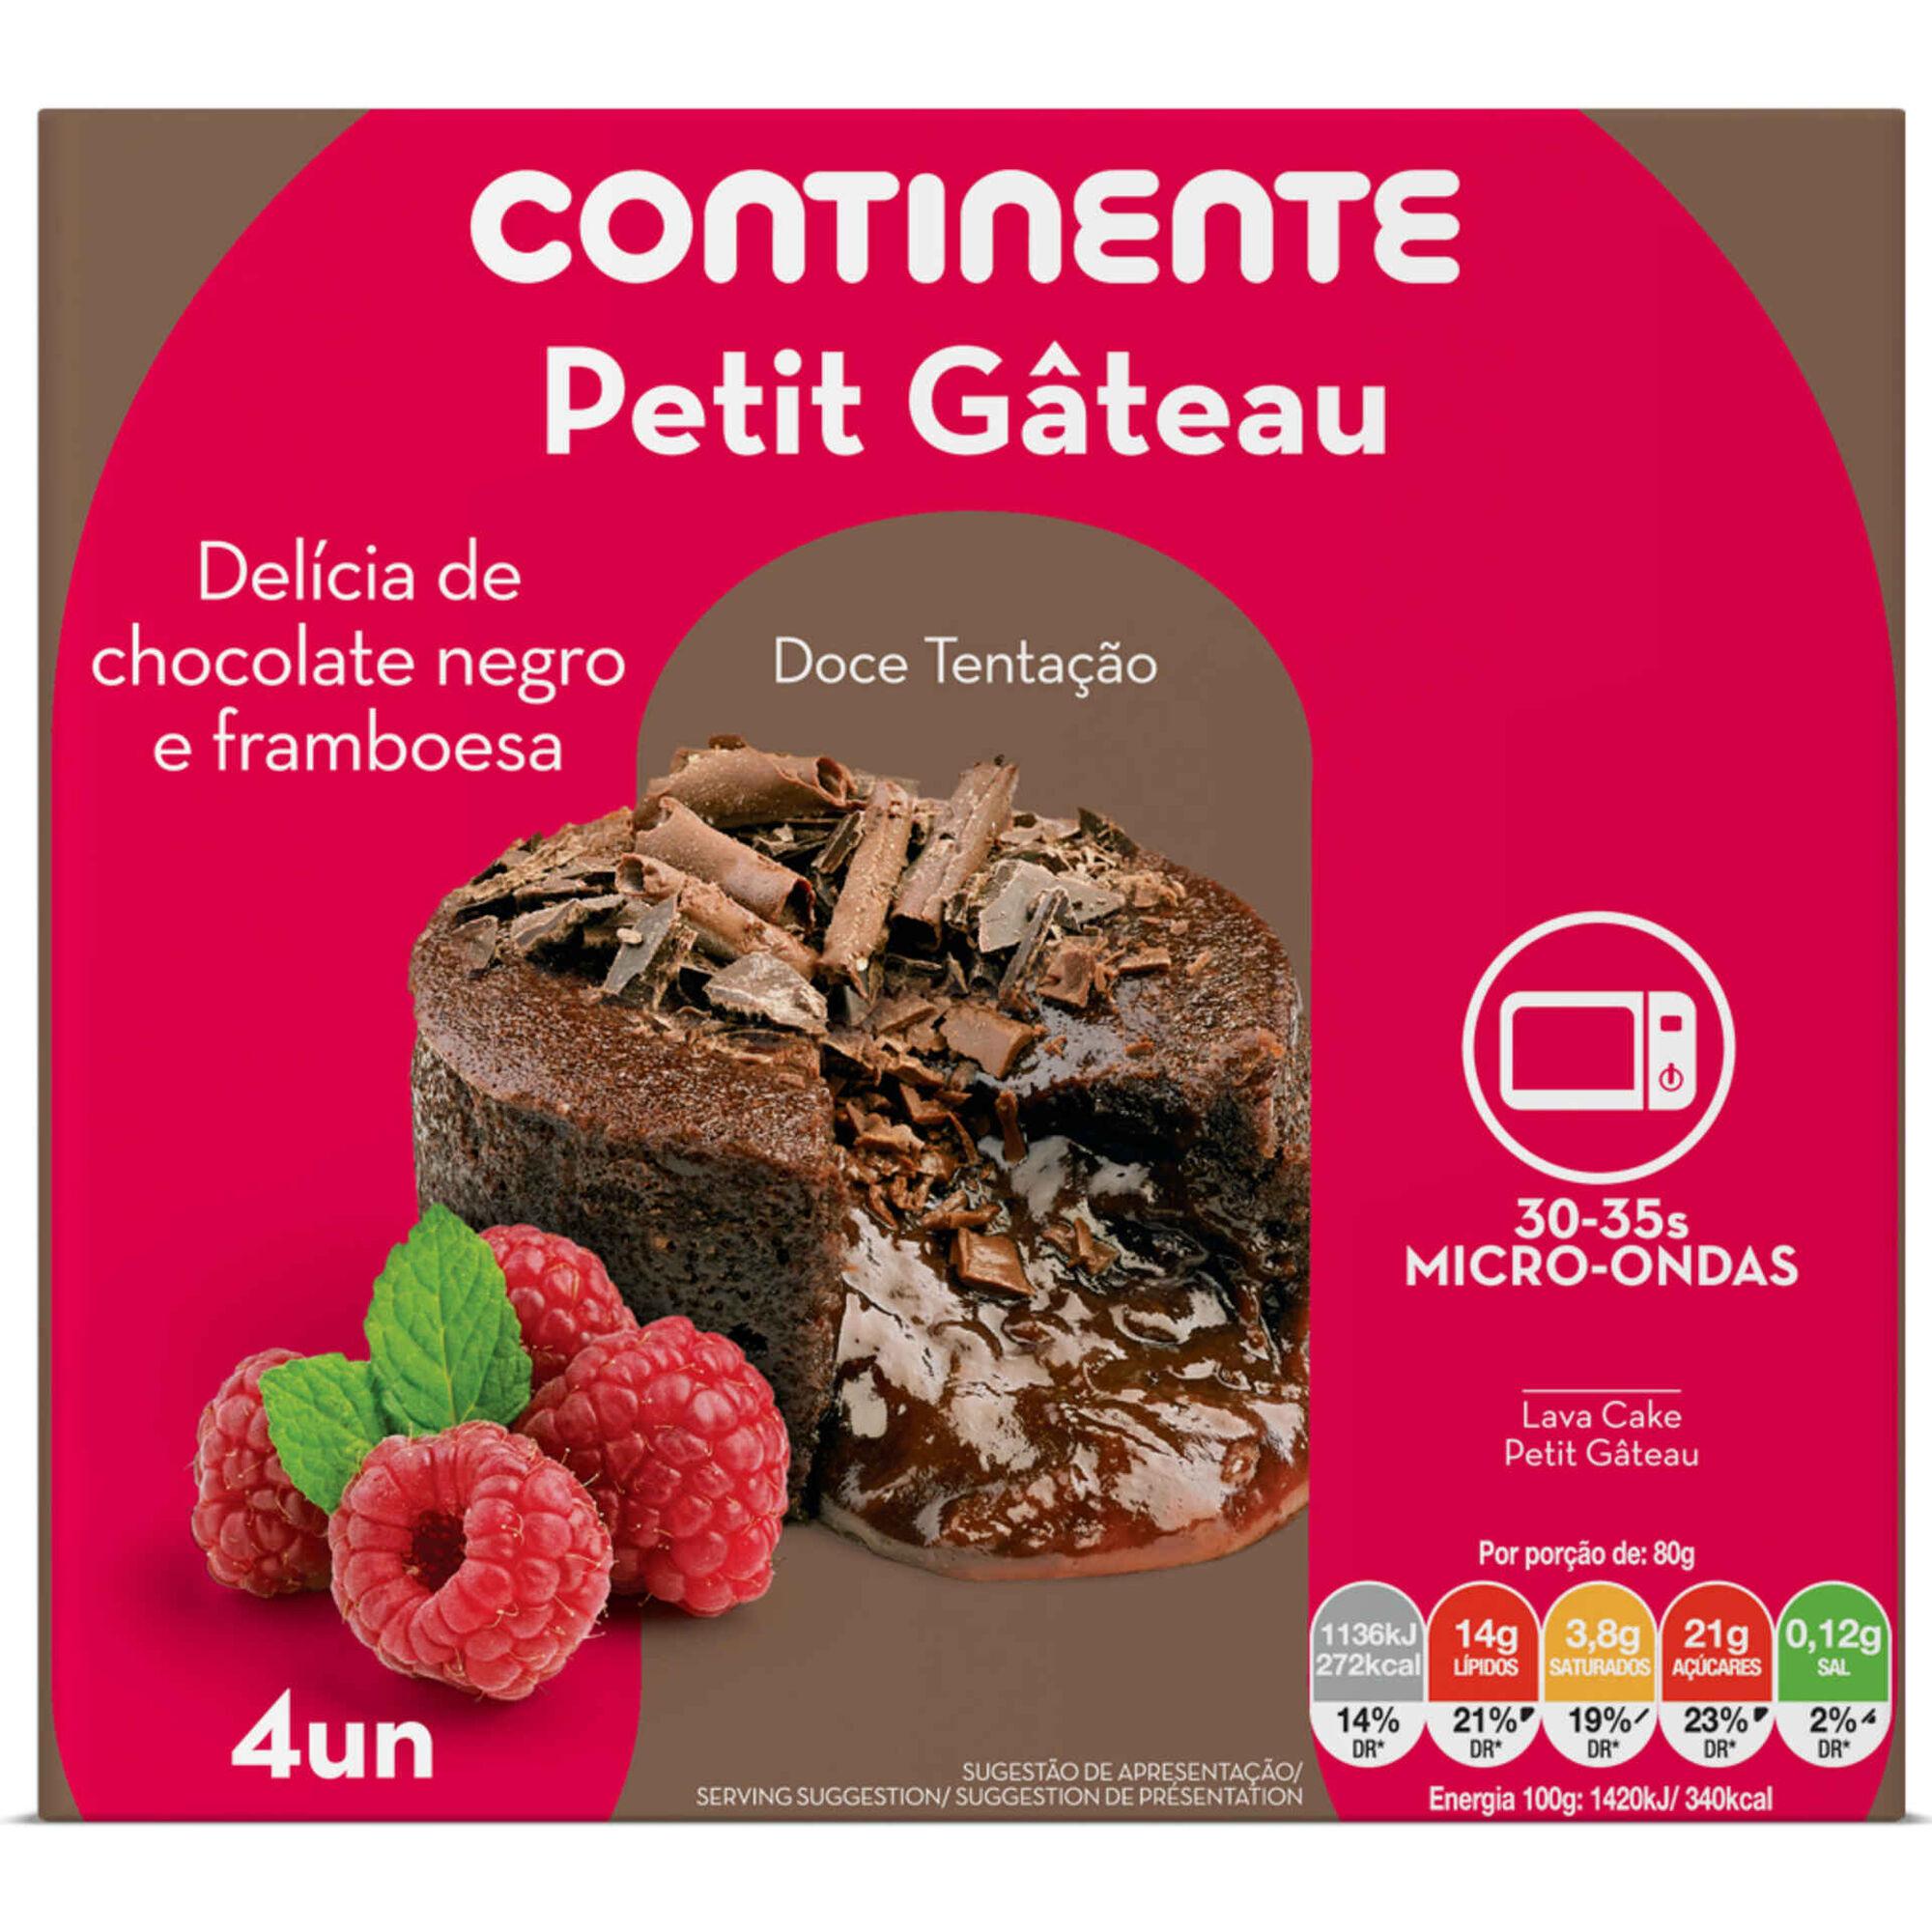 Petit Gâteau de Chocolate Negro e Framboesa